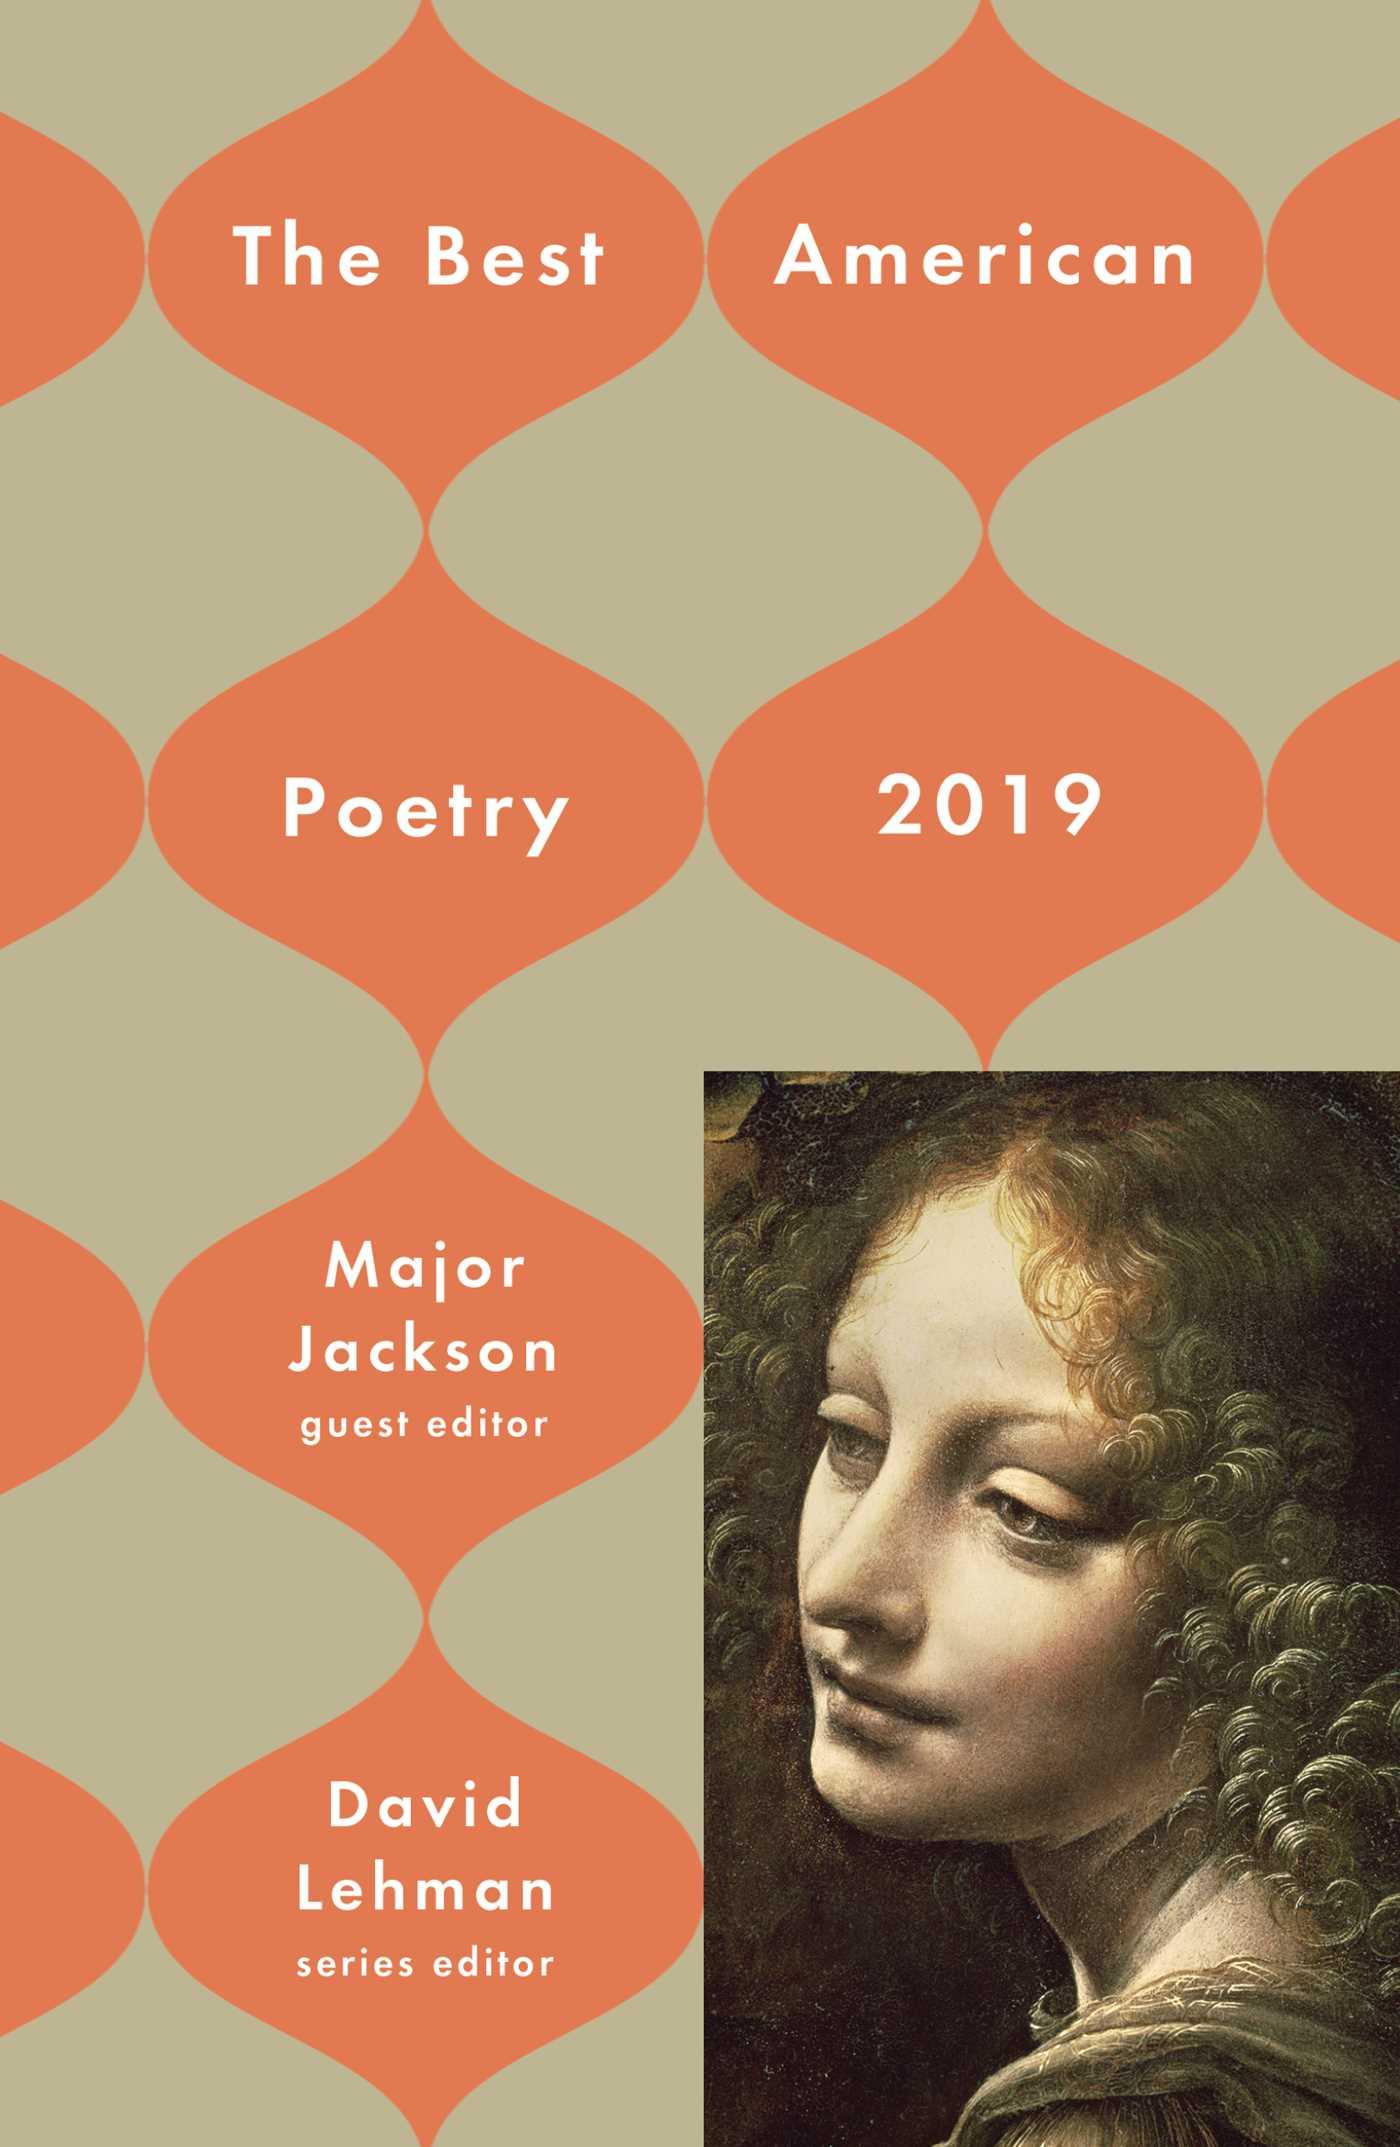 The Best American Poetry 2019 by David Lehman